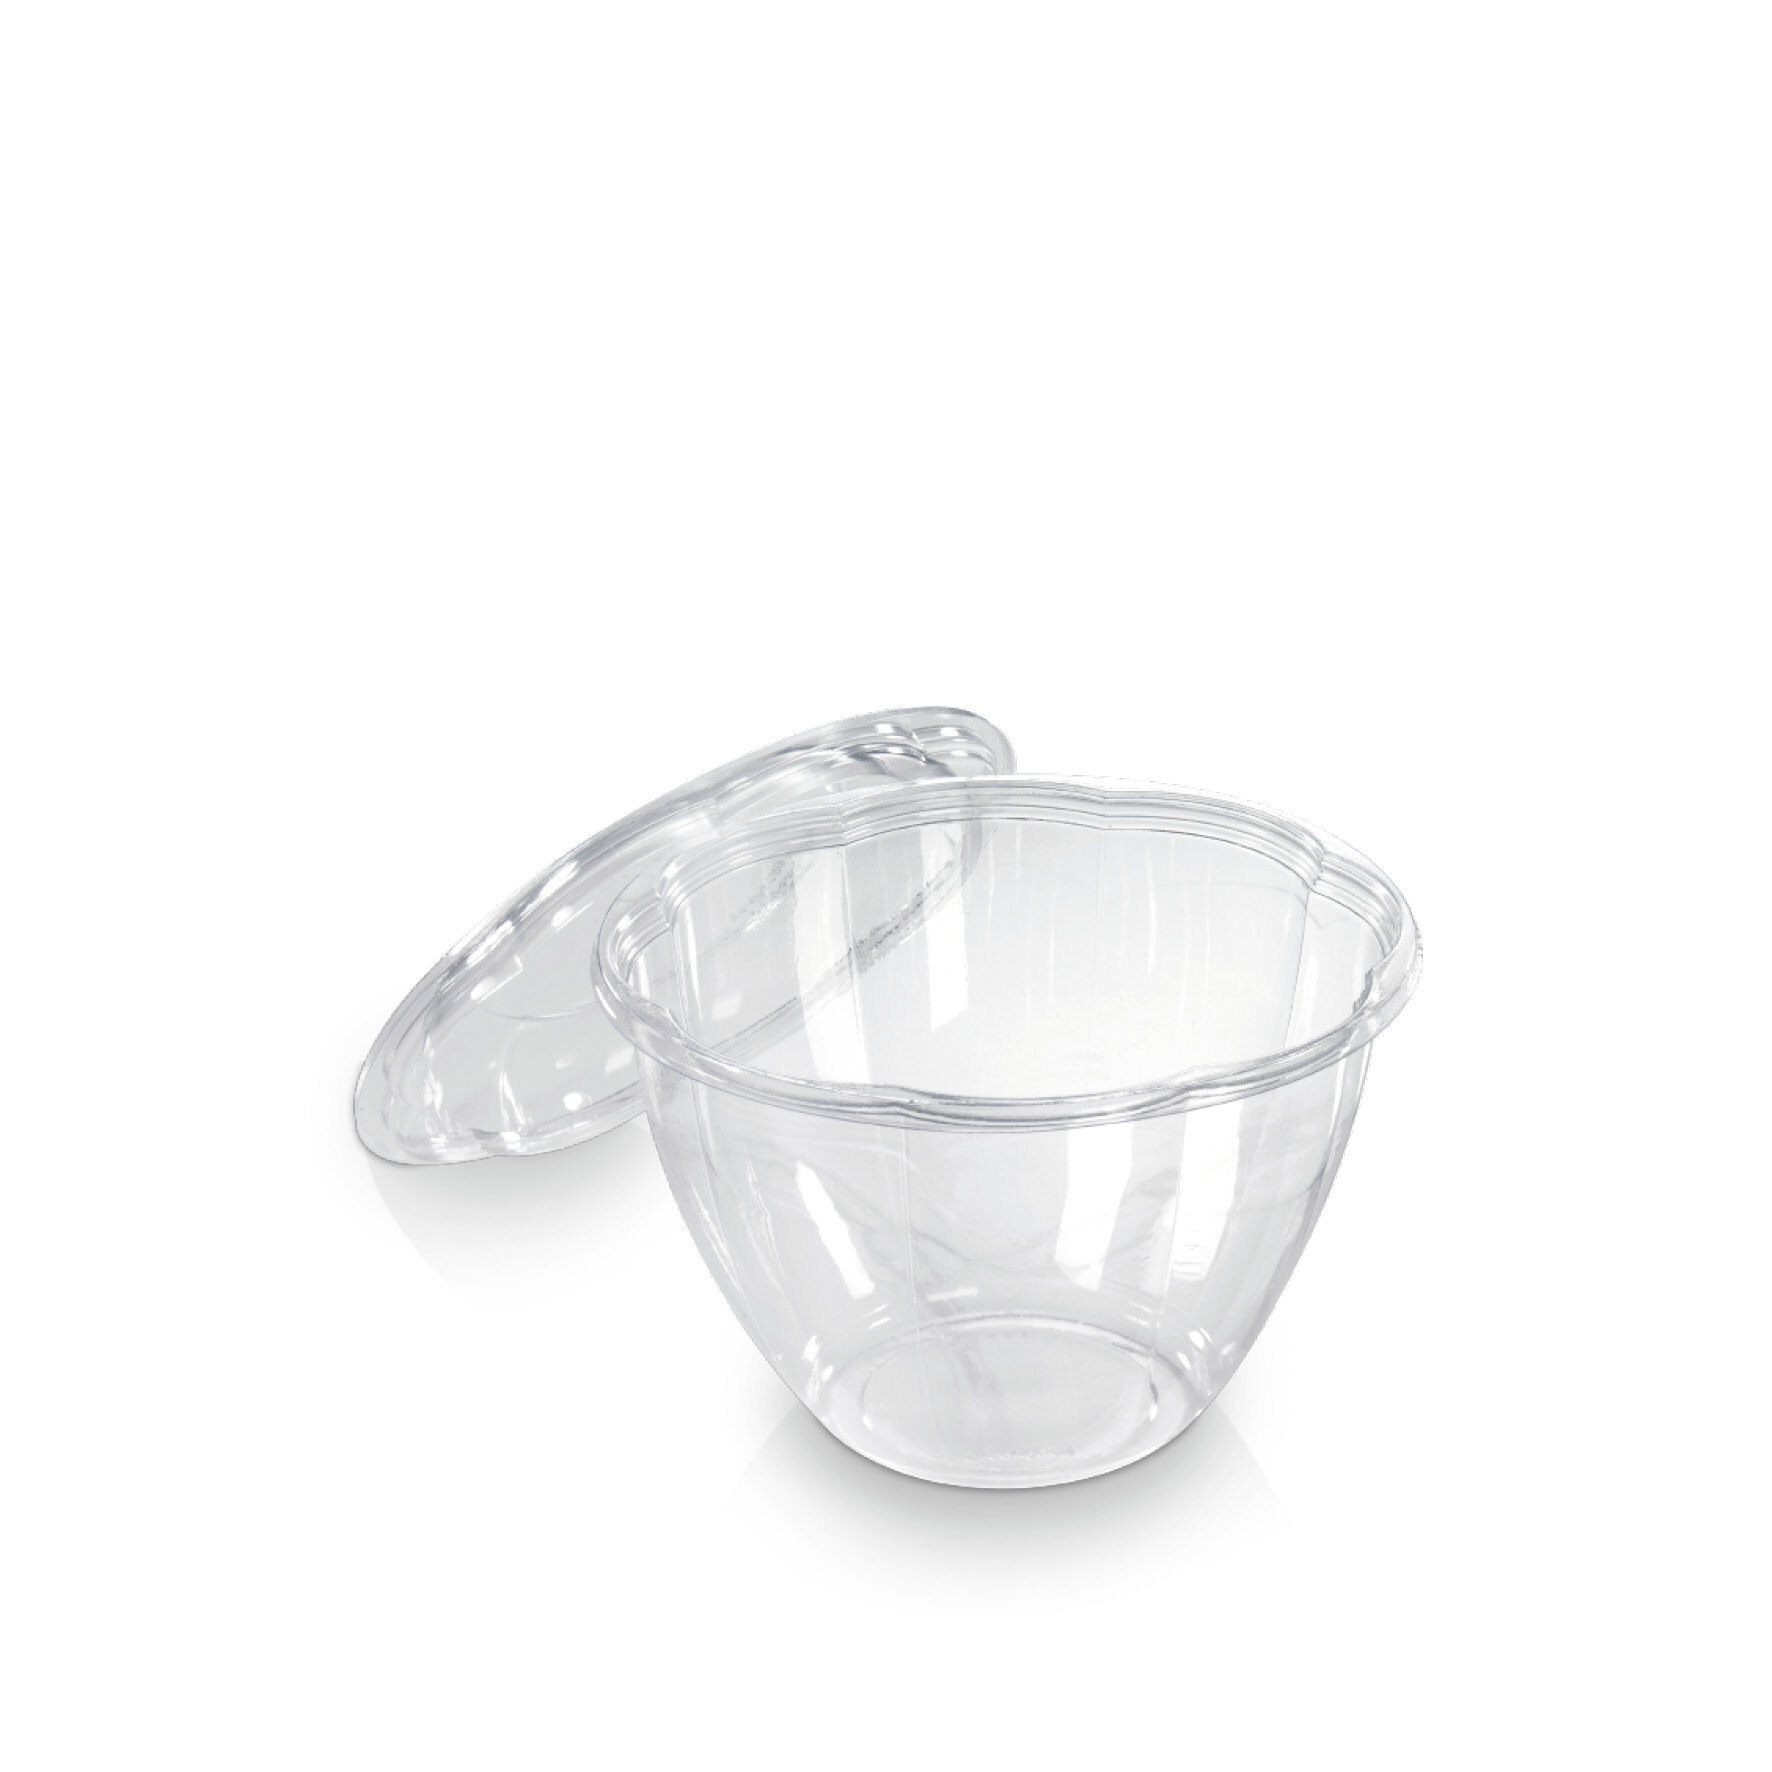 WEBAbowl  Schale Flower aus PLA    Glasklar, -18°C bis +45°C, industriell kompostierbar